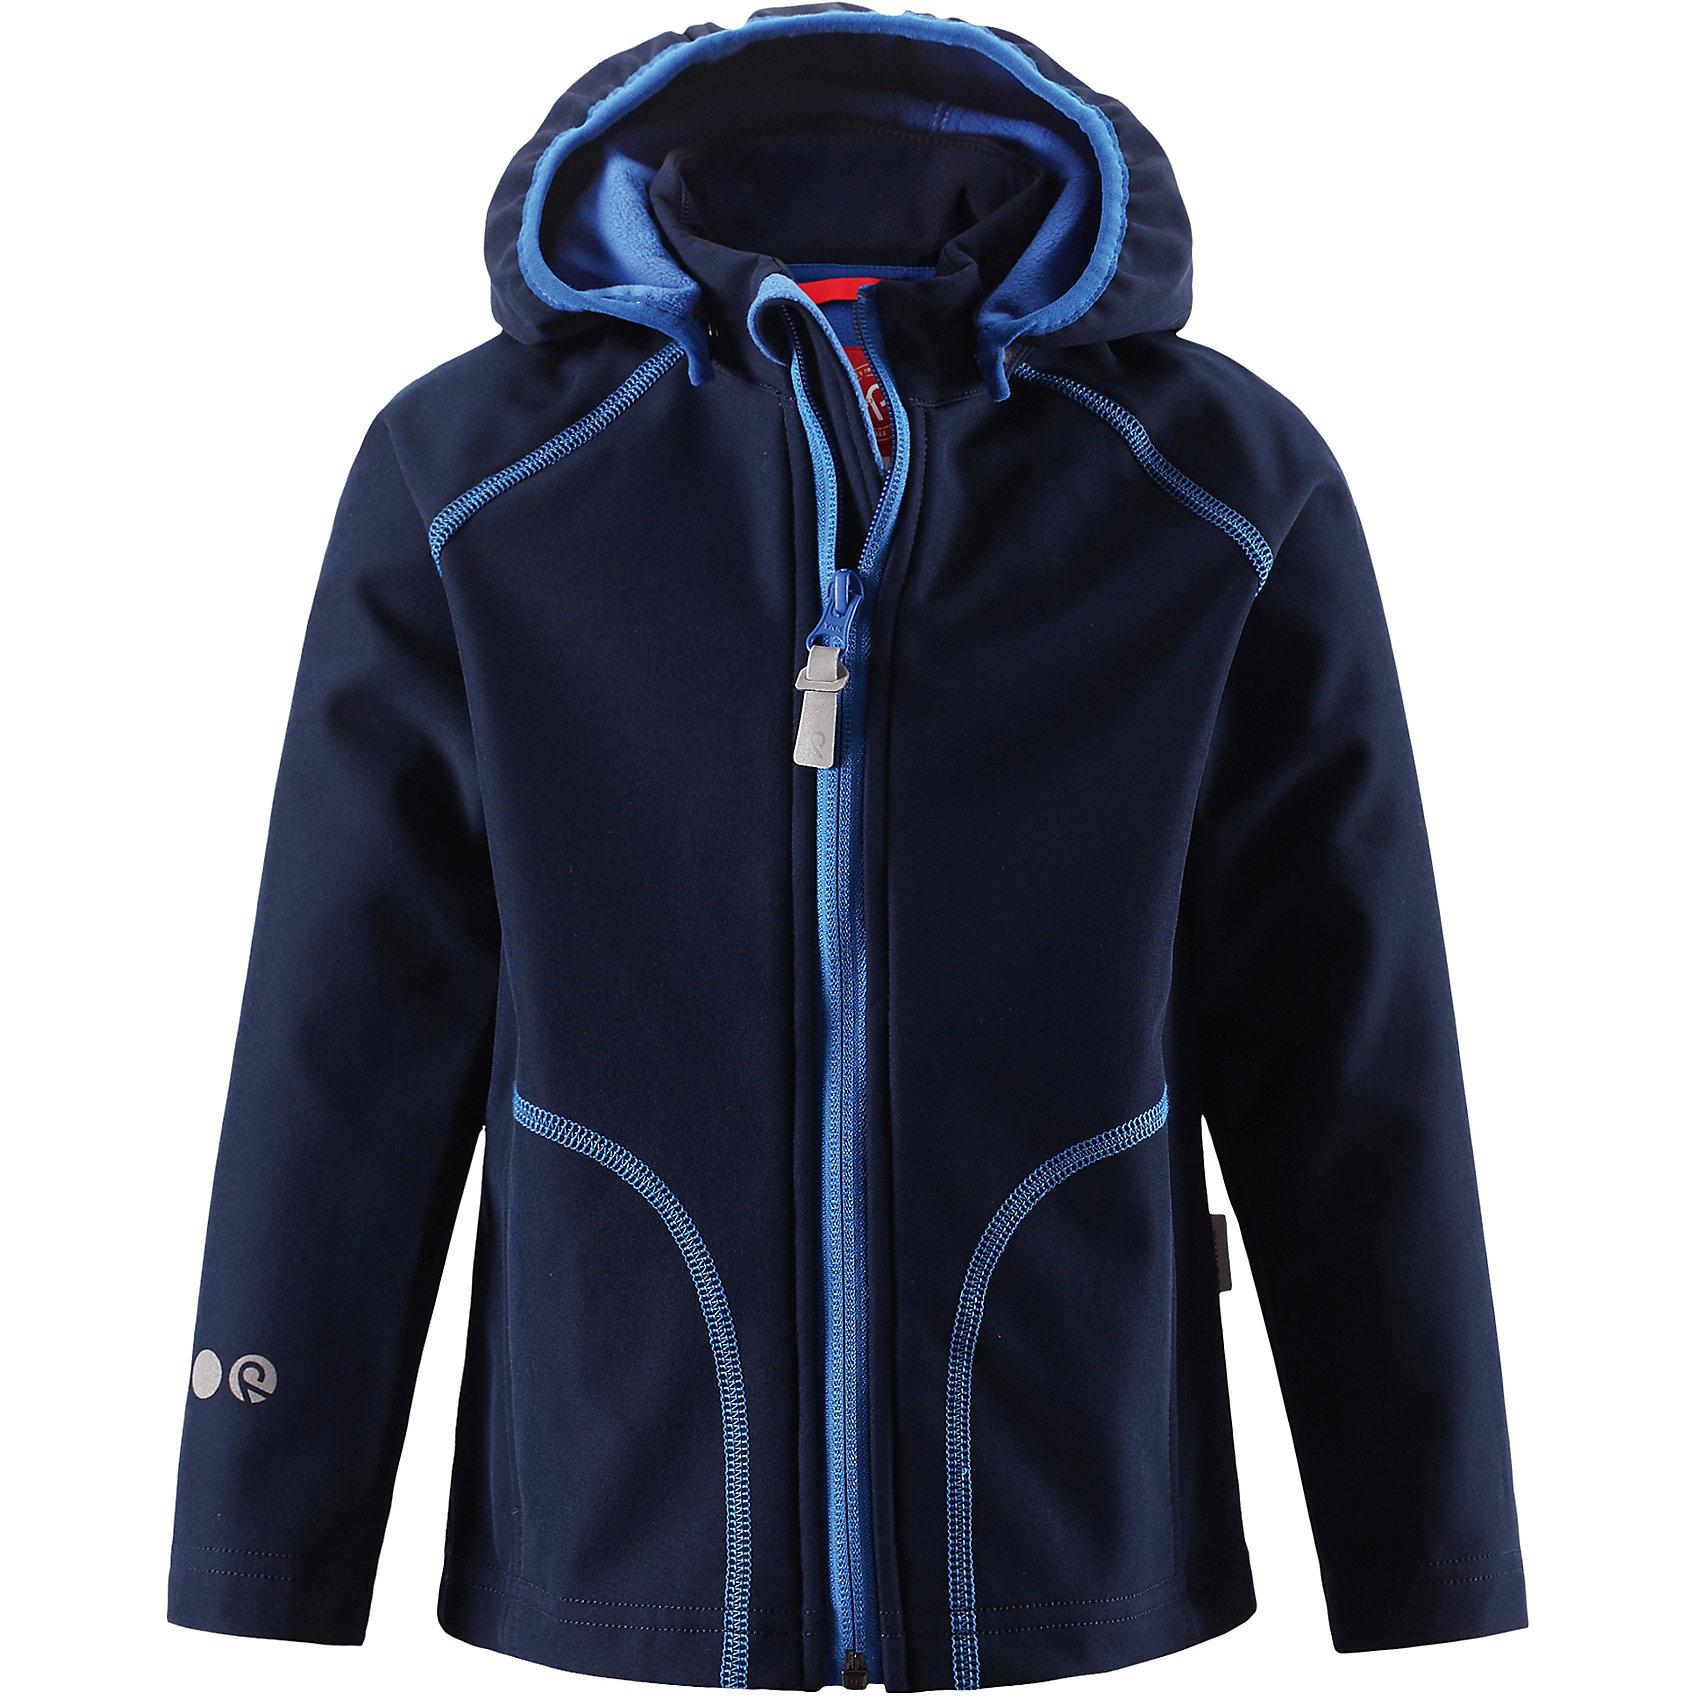 Куртка Vantti для мальчика ReimaОдежда<br>Характеристики товара:<br><br>• цвет: темно-синий<br>• состав: 95% полиэстер, 5% эластан, полиуретановое покрытие<br>• температурный режим: от +5°до +15°С<br>• многослойный материал, с изнаночной стороны - флис<br>• водонепроницаемый материал softshell<br>• ветронепроницаемый дышащий материал<br>• безопасный съемный капюшон<br>• два боковых кармана<br>• без утеплителя<br>• молния<br>• комфортная посадка<br>• страна производства: Китай<br>• страна бренда: Финляндия<br>• коллекция: весна-лето 2017<br><br>Верхняя одежда для детей может быть модной и комфортной одновременно! Демисезонная куртка поможет обеспечить ребенку комфорт и тепло. Она отлично смотрится с различной одеждой и обувью. Изделие удобно сидит и модно выглядит. Материал - прочный, хорошо подходящий для межсезонья. Стильный дизайн разрабатывался специально для детей.<br><br>Одежда и обувь от финского бренда Reima пользуется популярностью во многих странах. Эти изделия стильные, качественные и удобные. Для производства продукции используются только безопасные, проверенные материалы и фурнитура. Порадуйте ребенка модными и красивыми вещами от Reima! <br><br>Куртку Reimatec® от финского бренда Reima (Рейма) можно купить в нашем интернет-магазине.<br><br>Ширина мм: 475<br>Глубина мм: 334<br>Высота мм: 55<br>Вес г: 340<br>Цвет: темно-синий<br>Возраст от месяцев: 36<br>Возраст до месяцев: 48<br>Пол: Мужской<br>Возраст: Детский<br>Размер: 104,134,140,110,116,122,128<br>SKU: 5268506